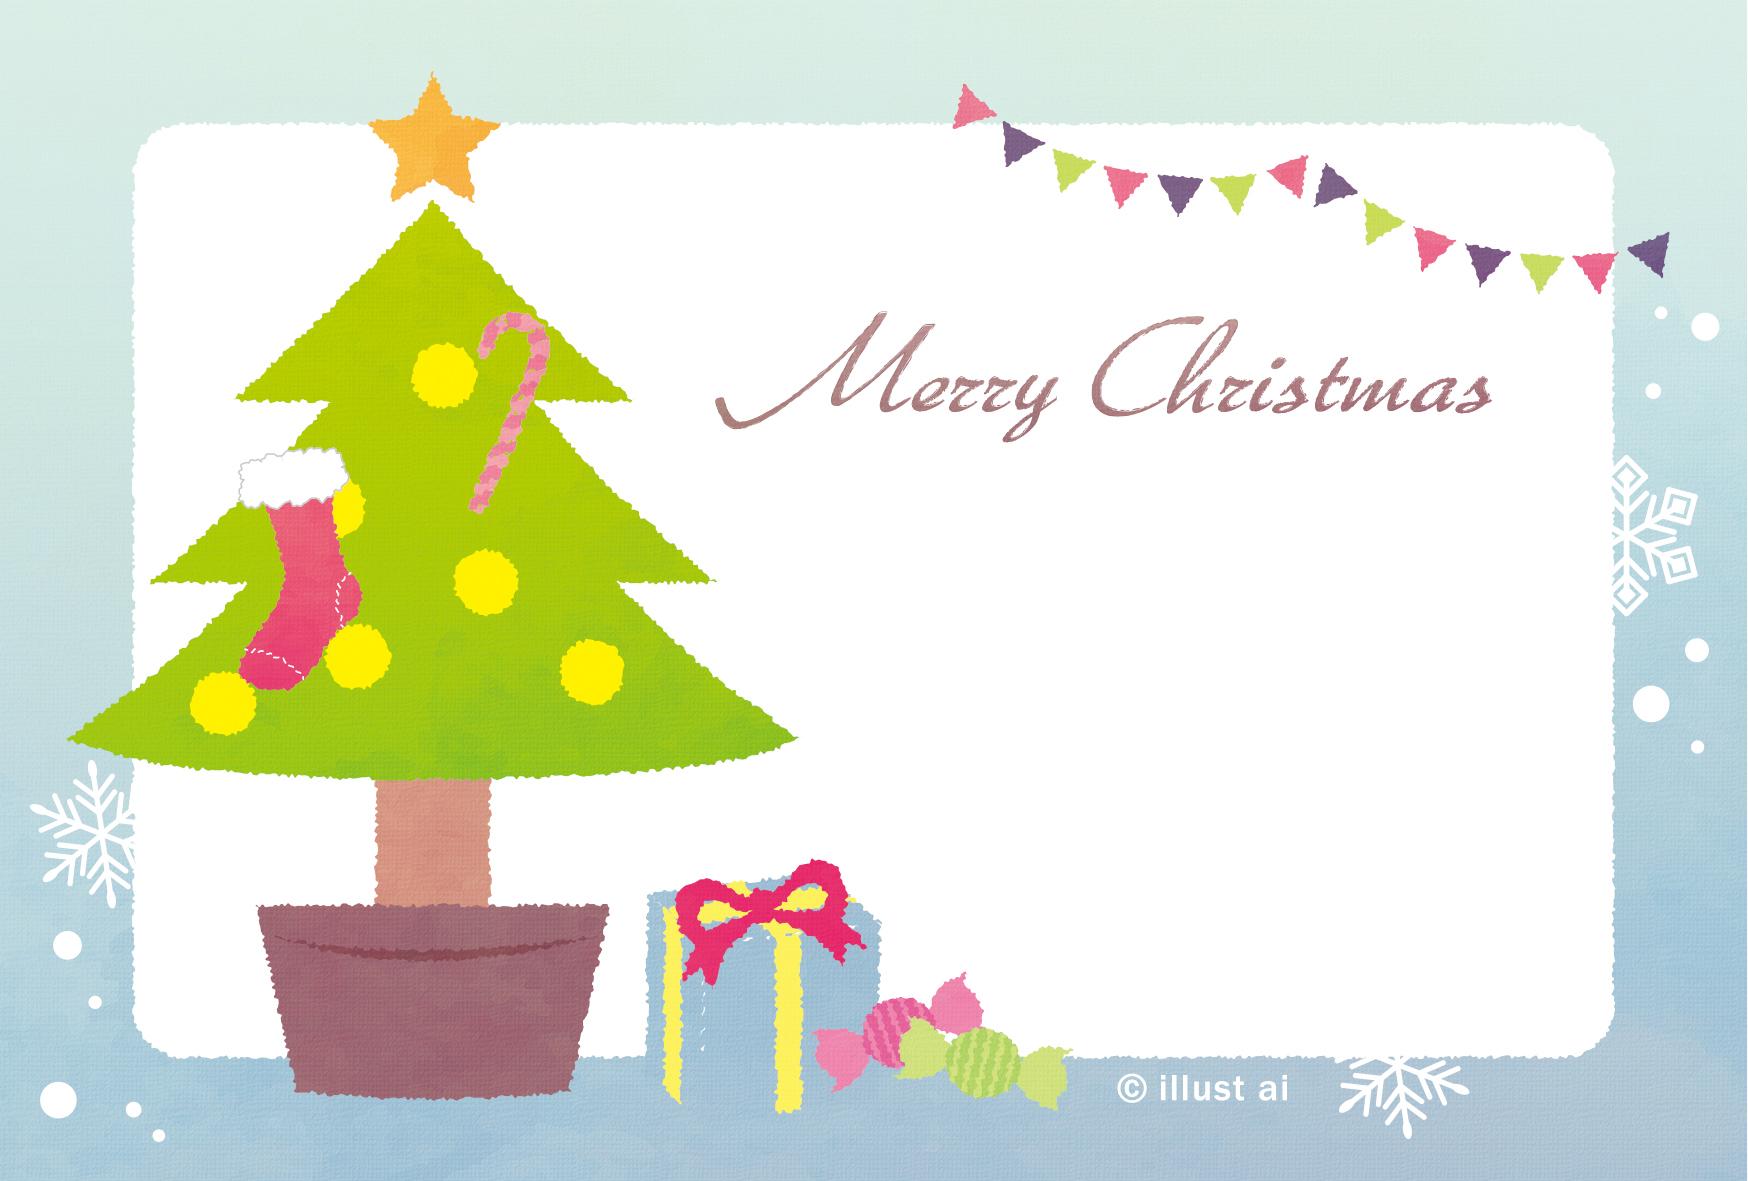 手書きokのツリーと贈り物 クリスマスカードテンプレート ポストカード イラスト素材サイト イラストareira Postcard Template